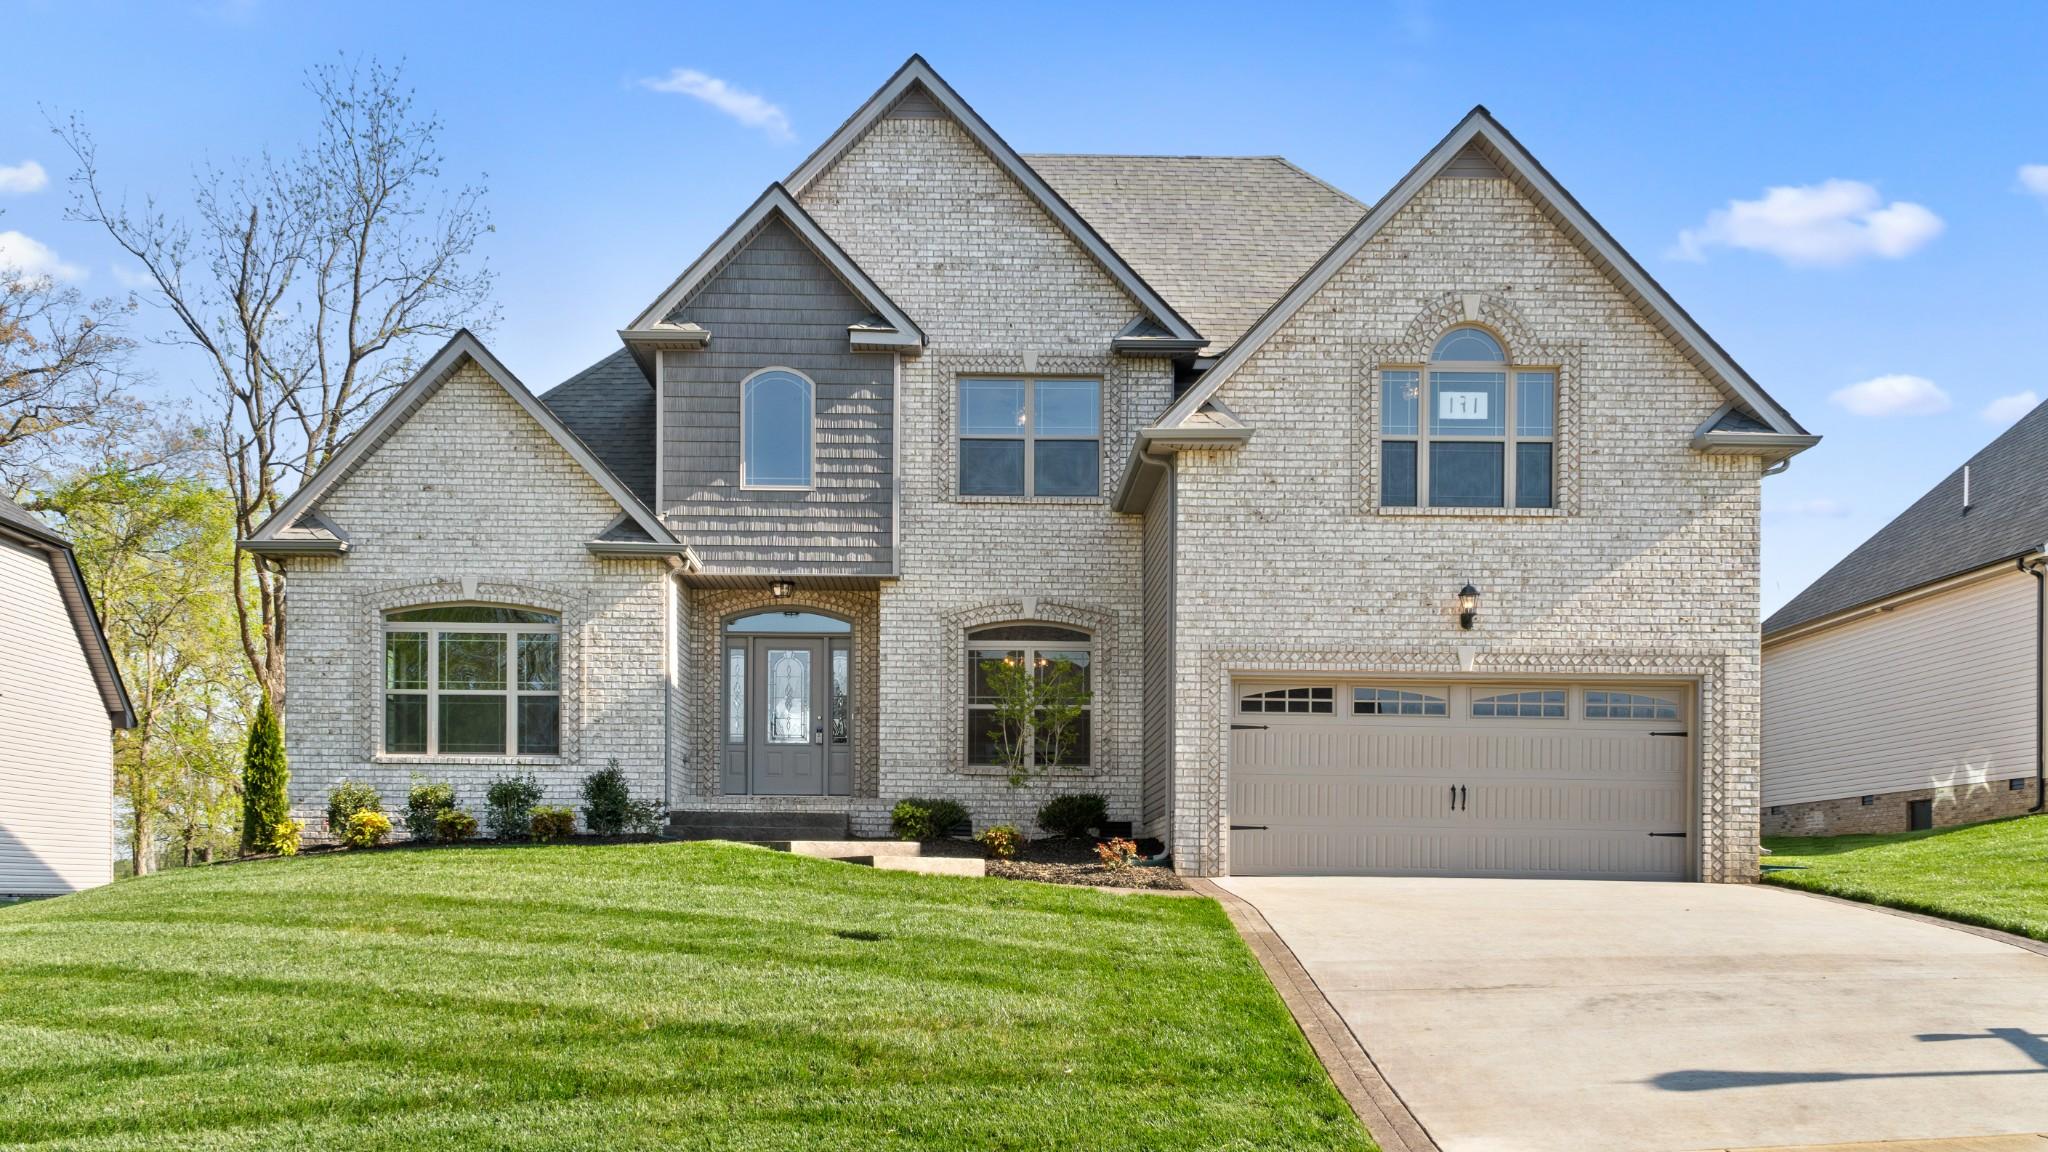 489 Autumnwood Property Photo